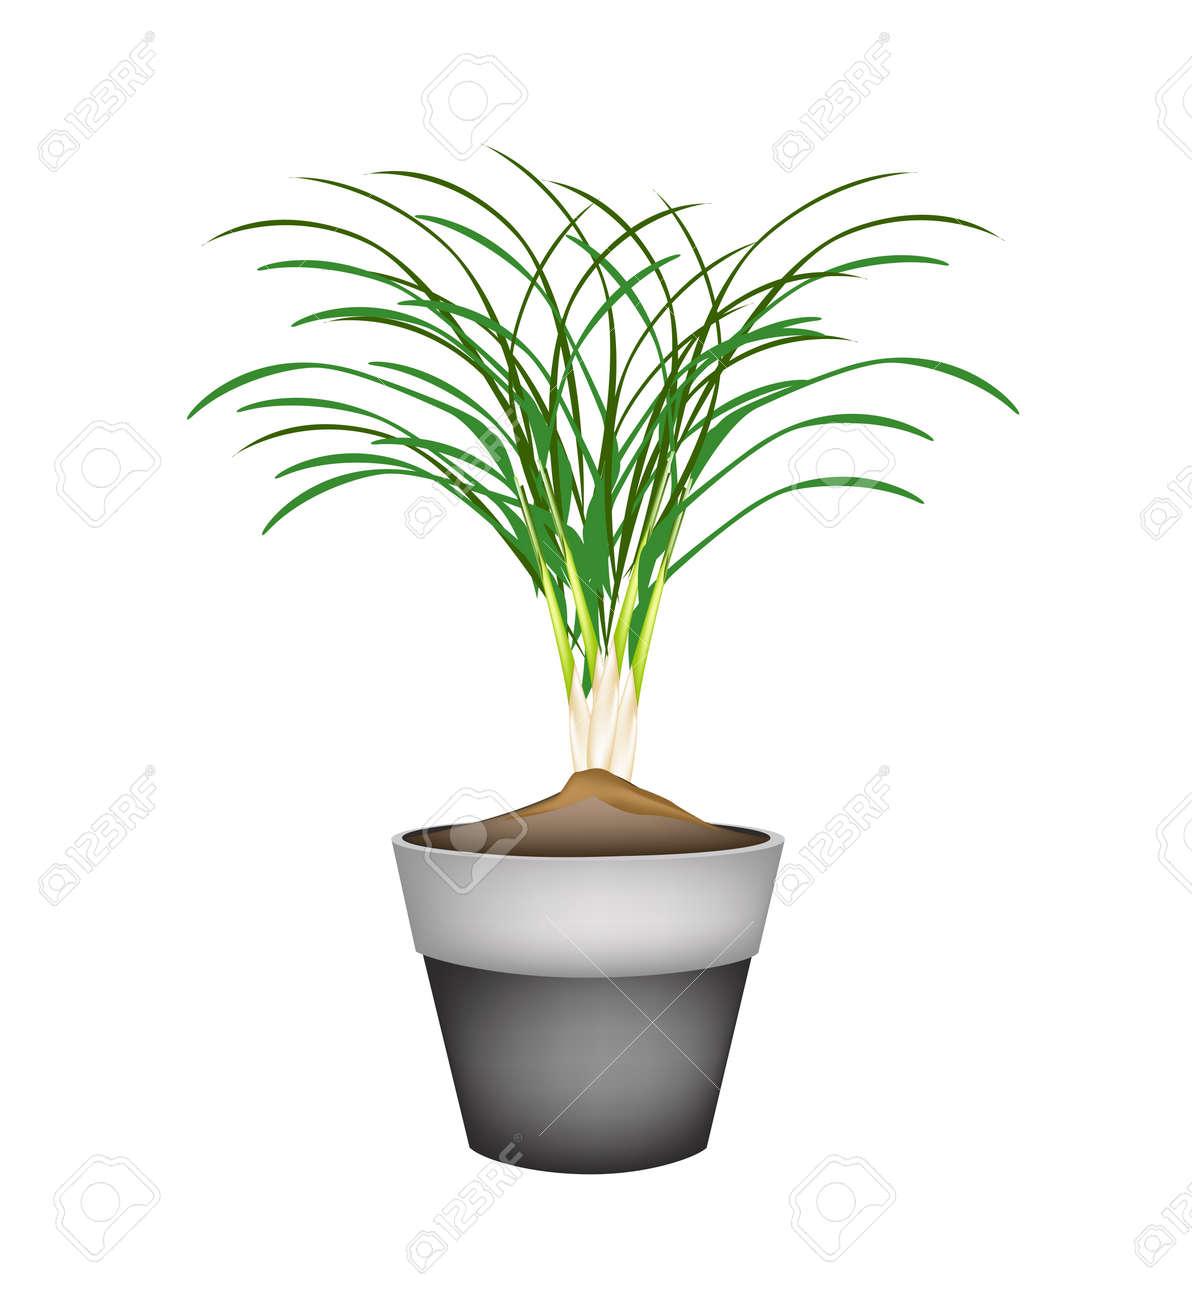 Gemüse Und Kräuter, Illustration Einer Frischen Zitrone Gras Plantage In  Terrakotta Blumentöpfe